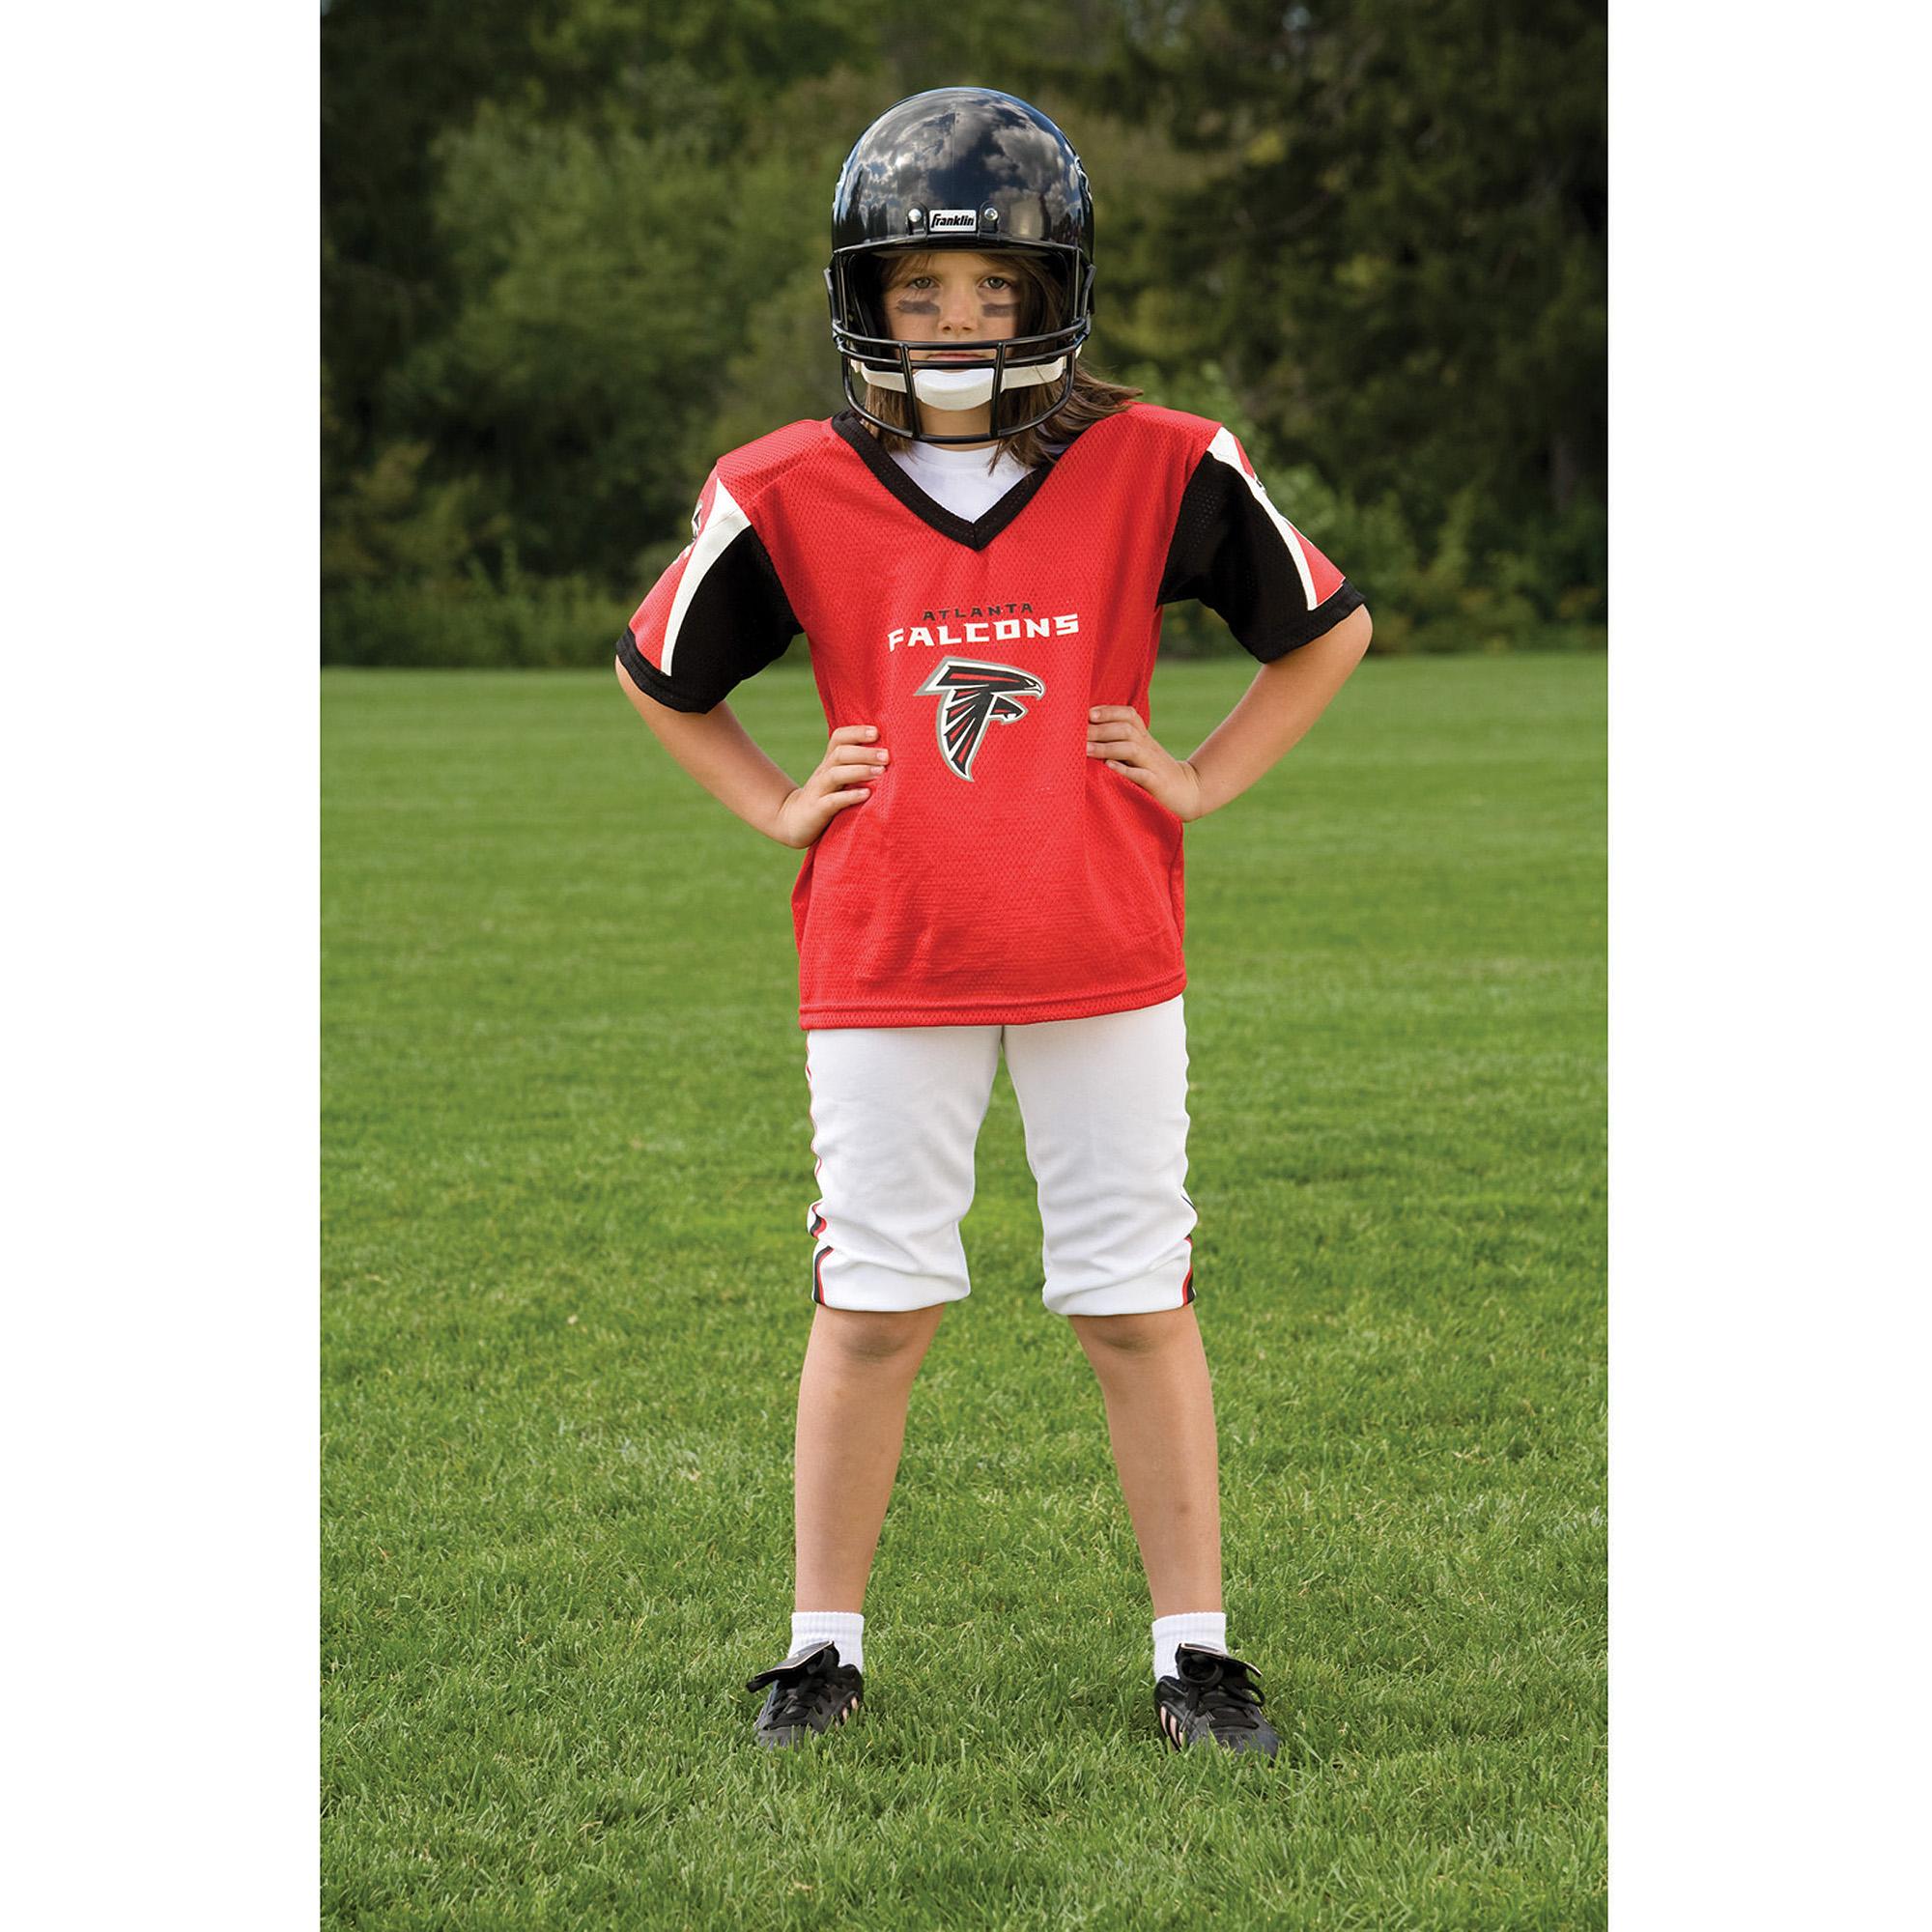 Franklin Sports NFL Atlanta Falcons Deluxe Uniform Set